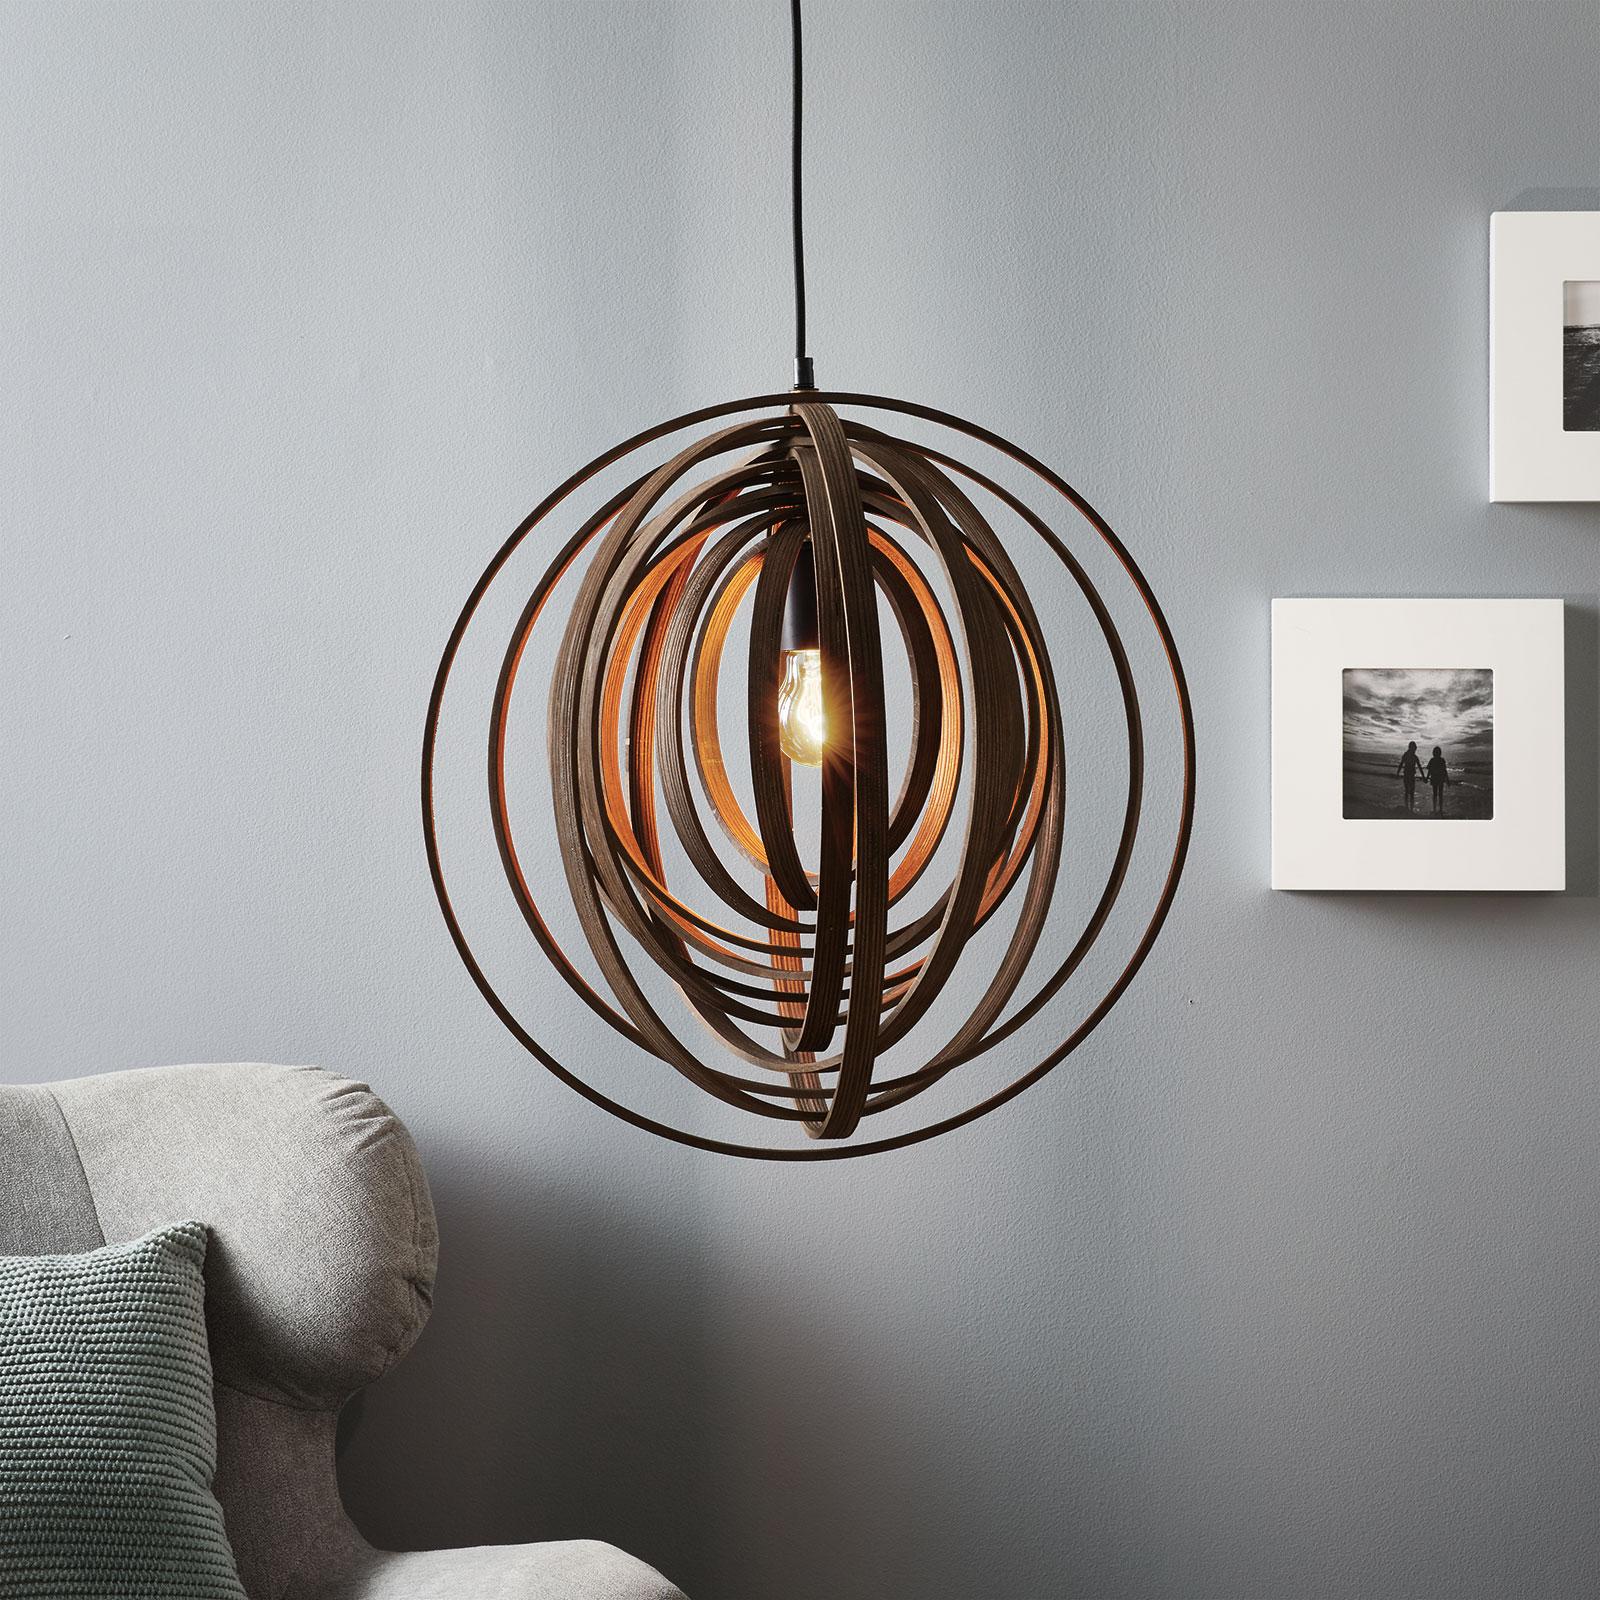 Usædvanlig hængelampe Boolan - skærm brun